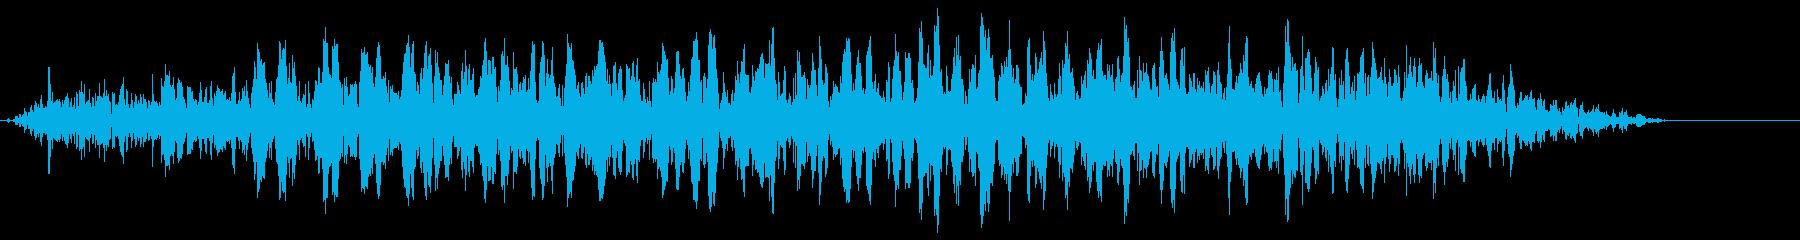 嵐の音 ゴーーーの再生済みの波形